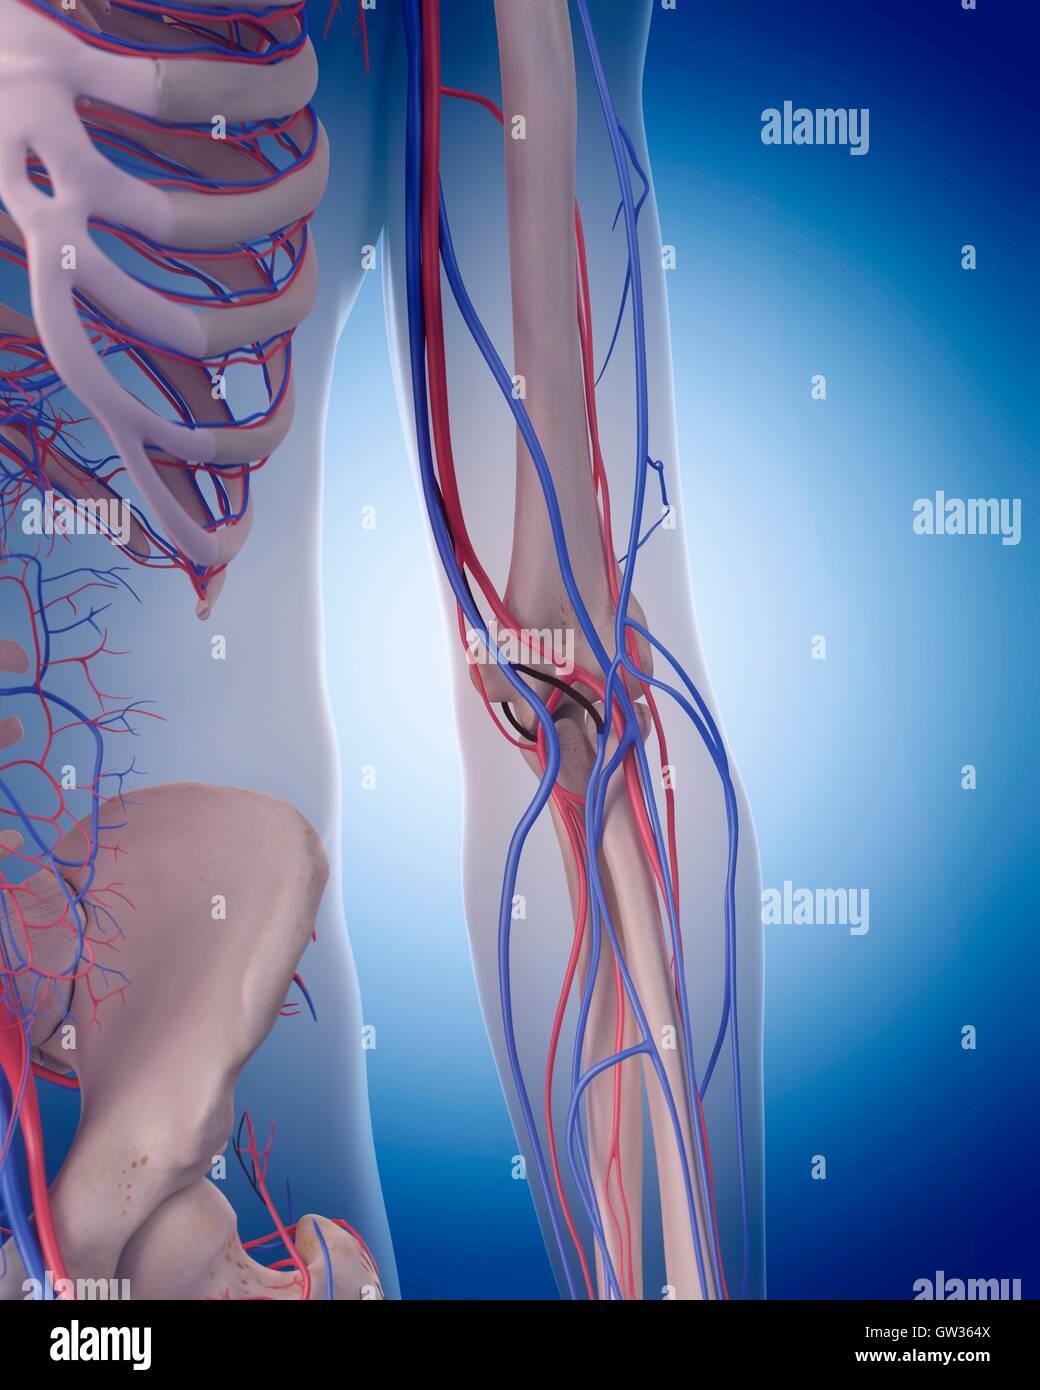 Menschliche Gefäßsystem des Ellenbogens, Abbildung Stockfoto, Bild ...